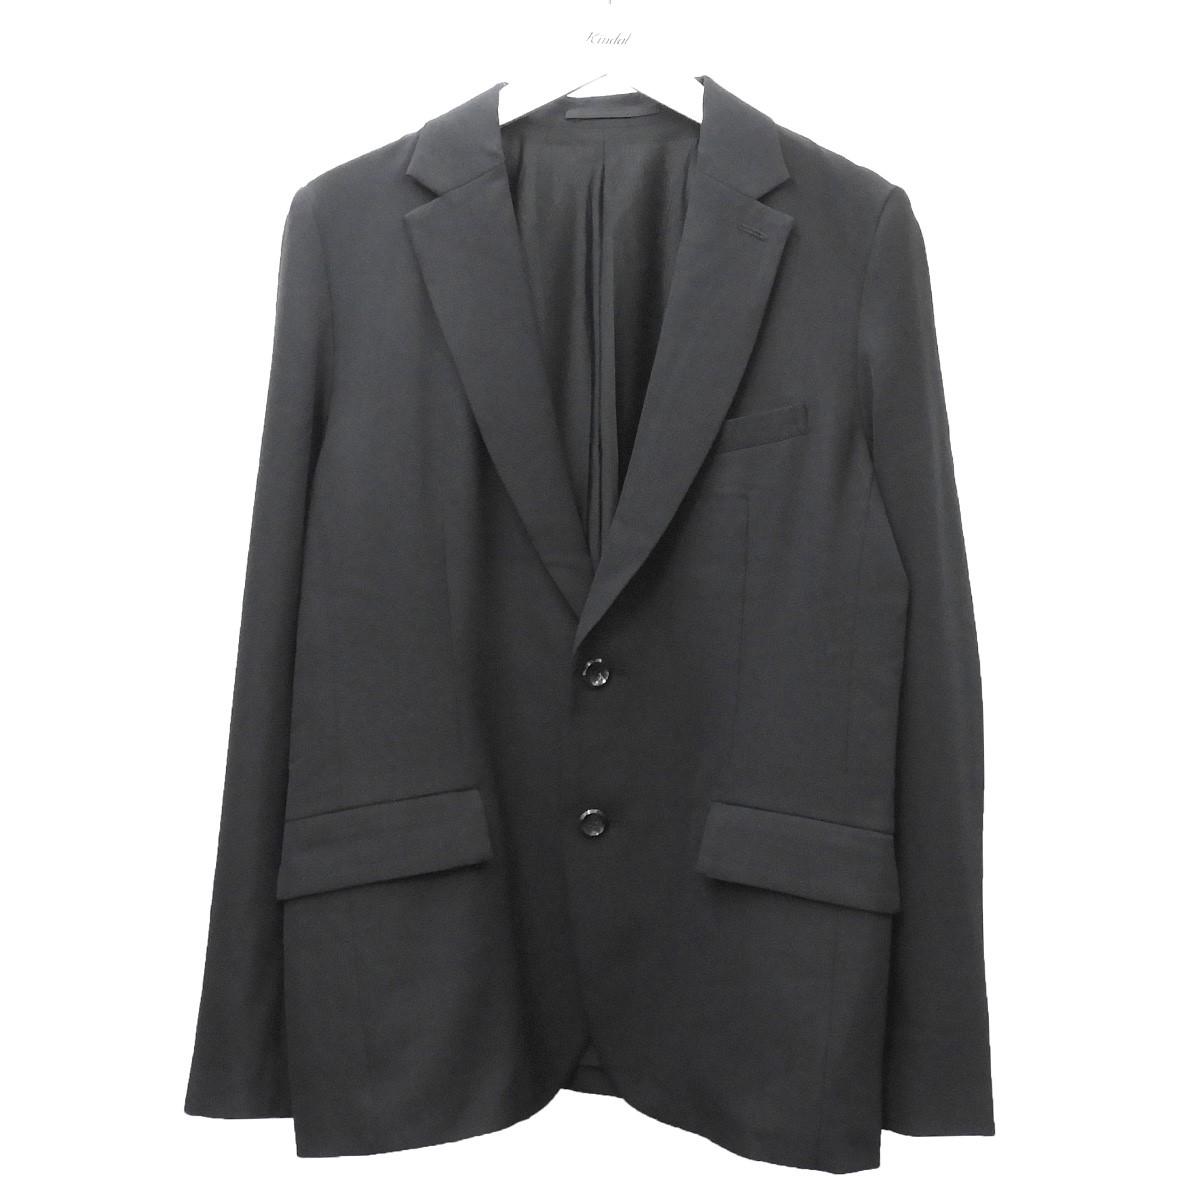 【中古】ATTACHMENT 2019AW テーラードジャケット ブラック サイズ:3 【100820】(アタッチメント)